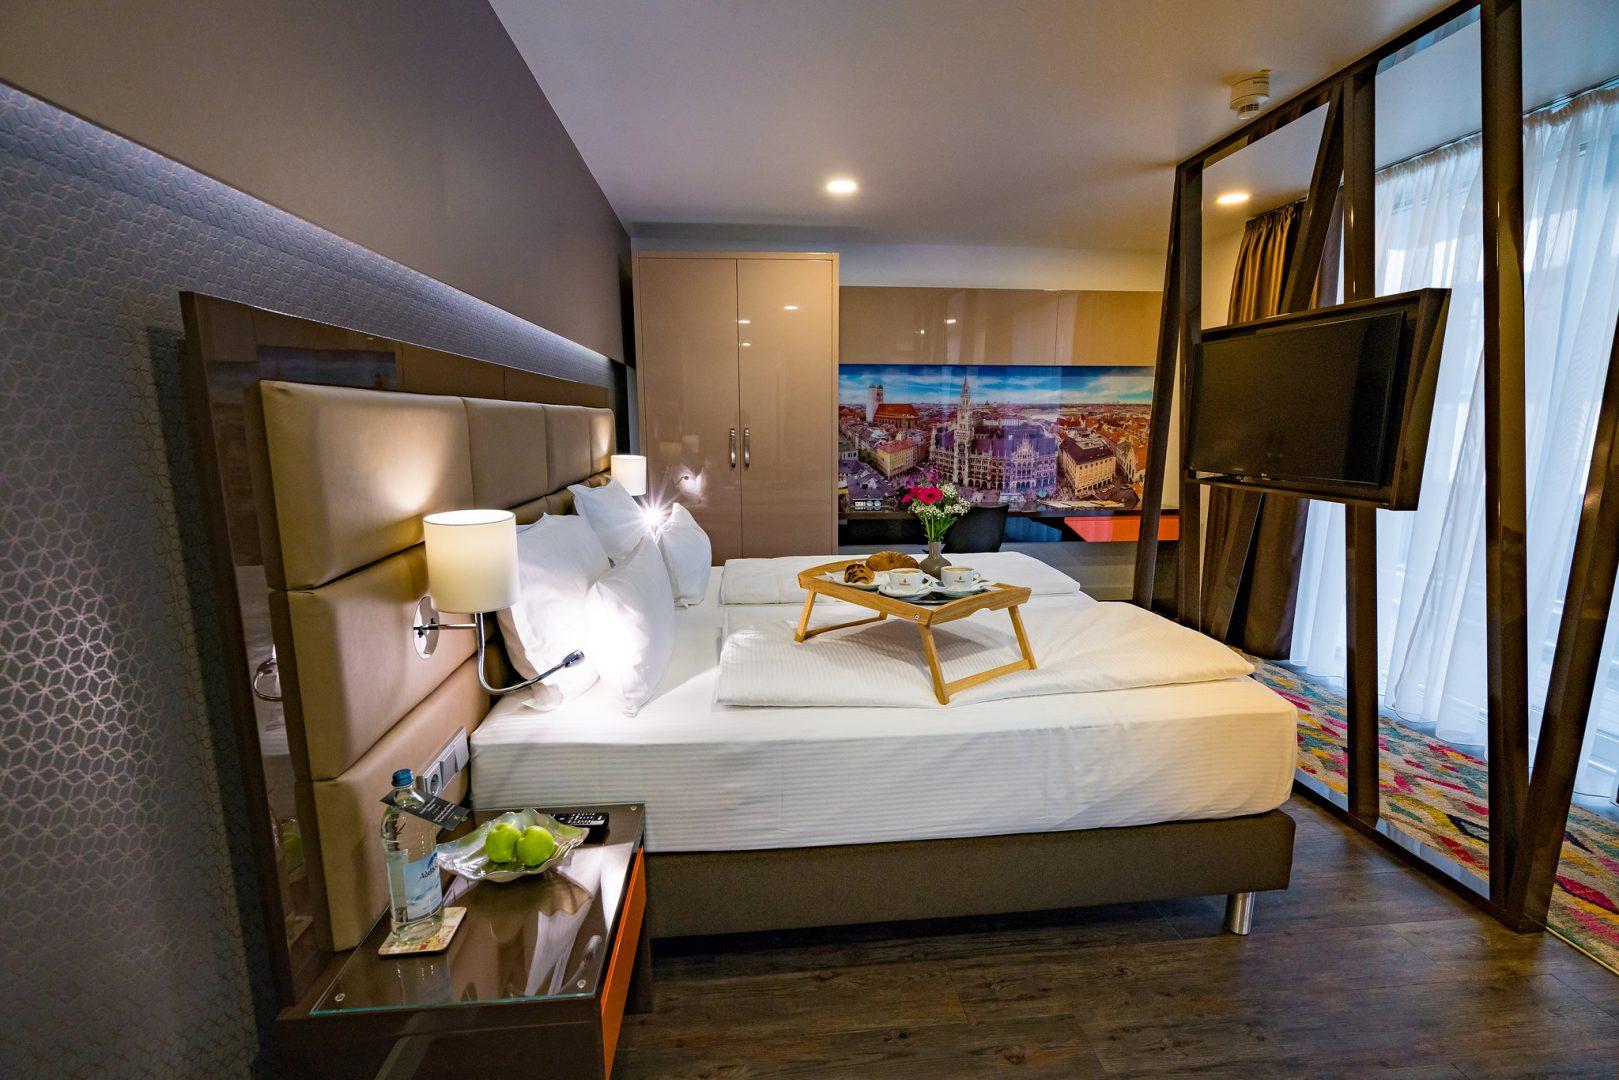 Munich_Hotel_Kreis_Residenz_Deluxe_Room